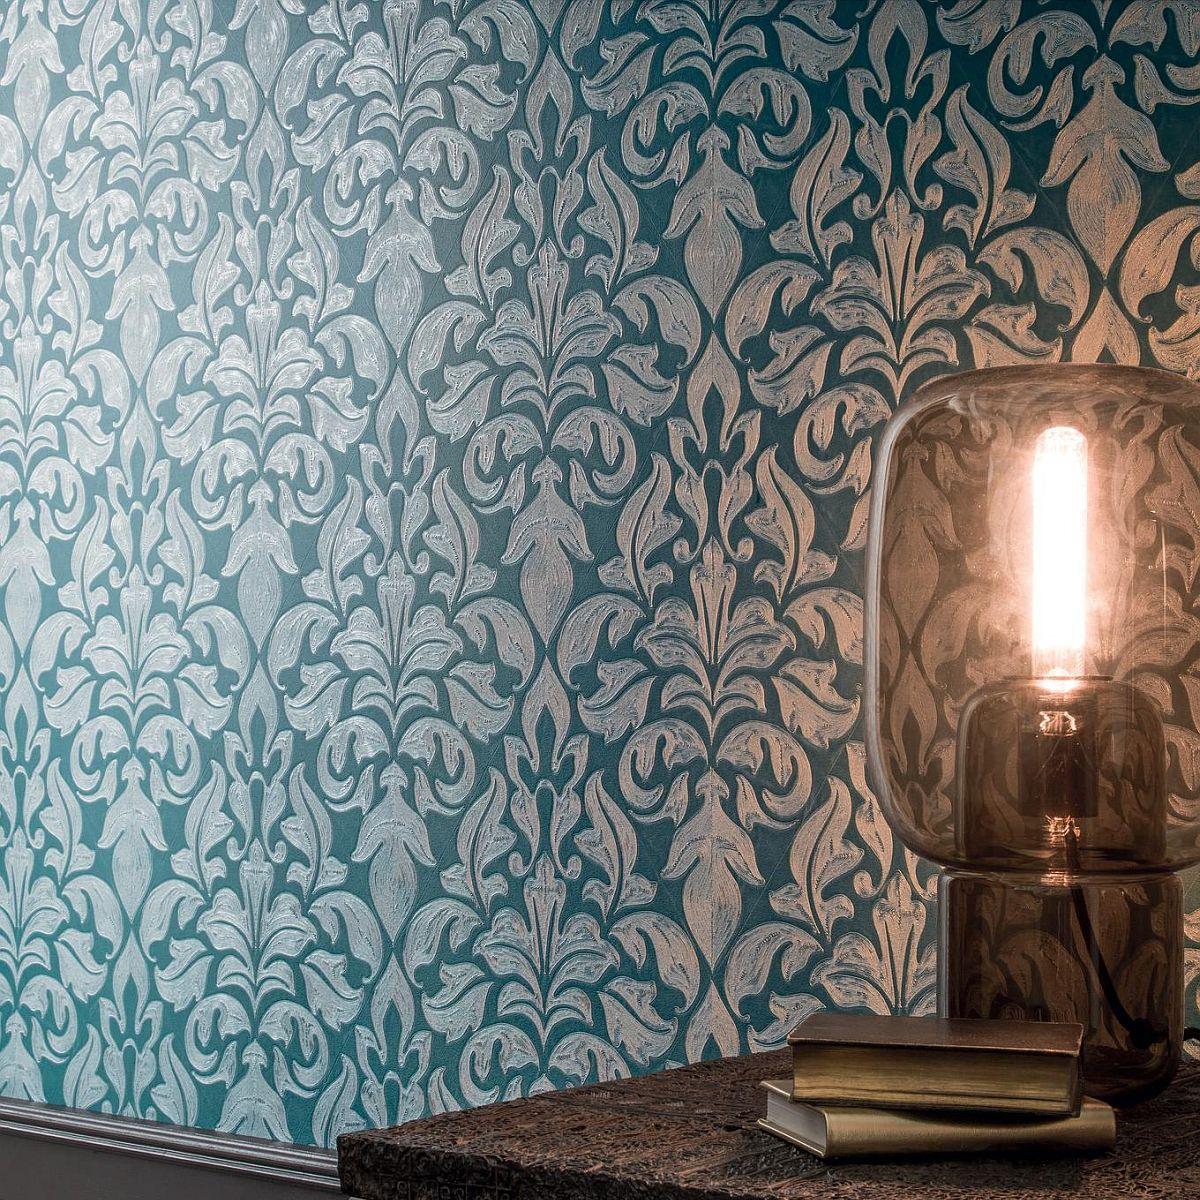 vinyltapete regence damast webstruktur gr n 90710481. Black Bedroom Furniture Sets. Home Design Ideas